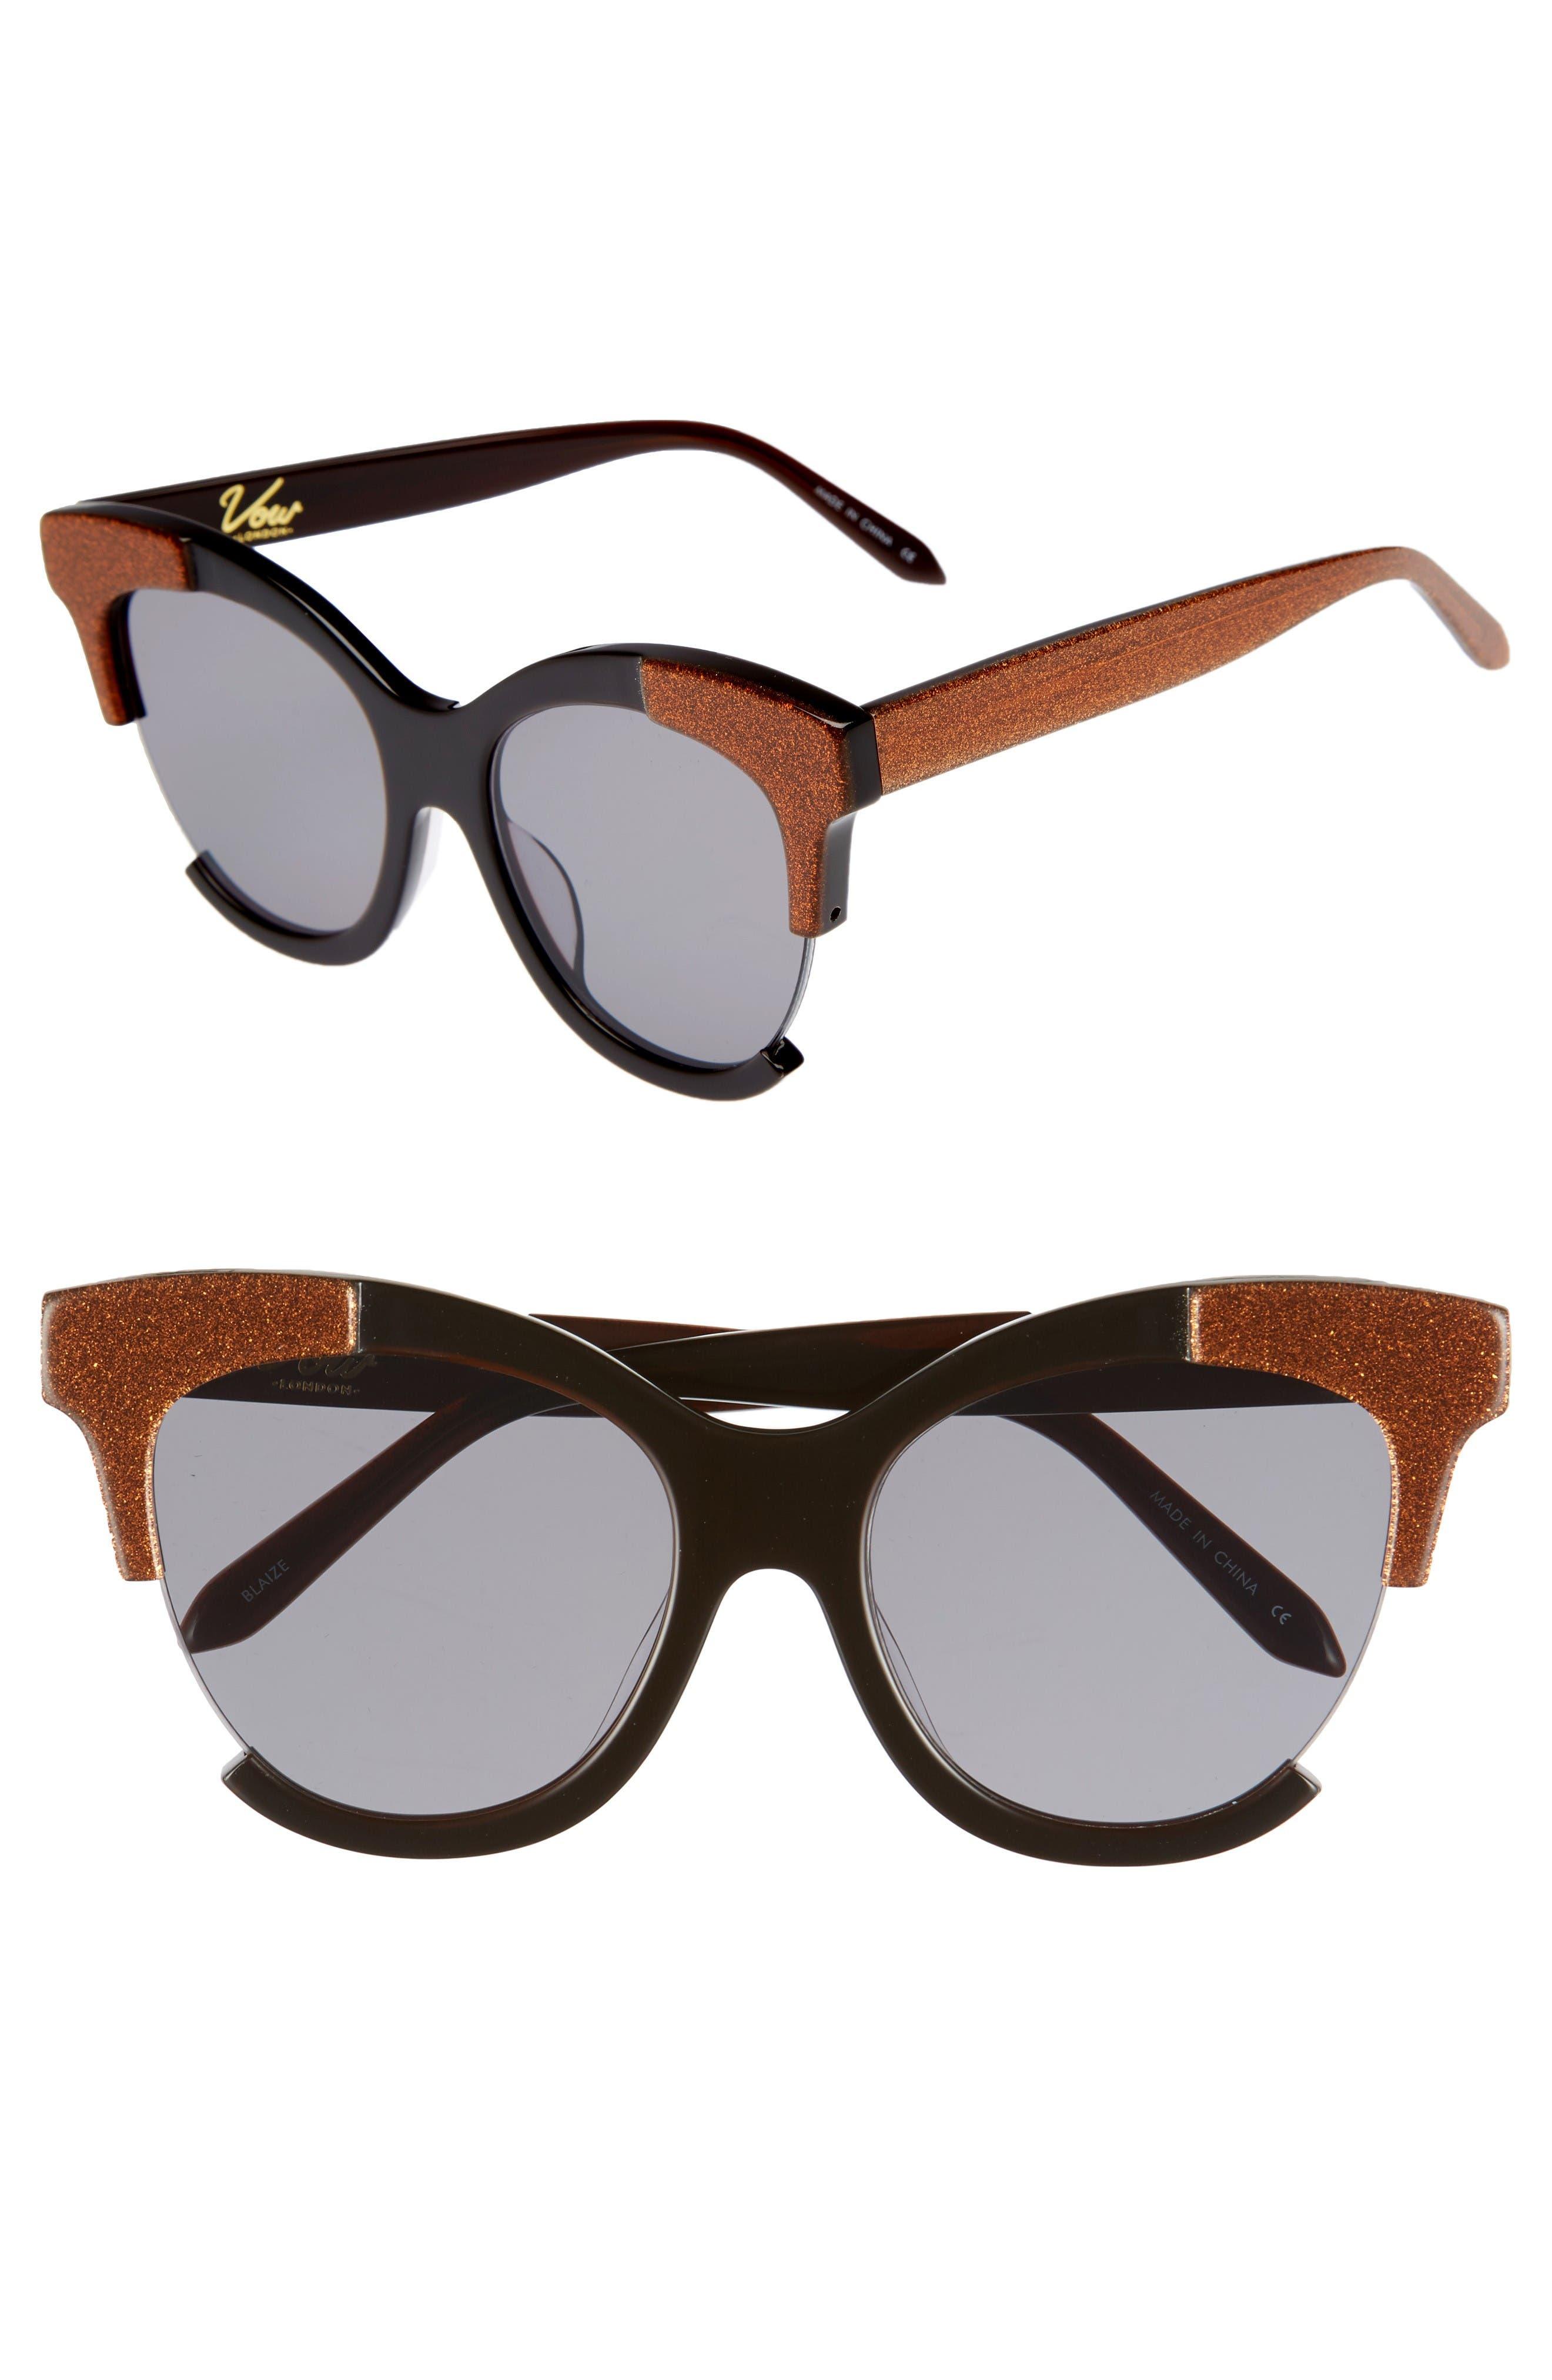 Main Image - Vow London Blaize 51mm Sunglasses